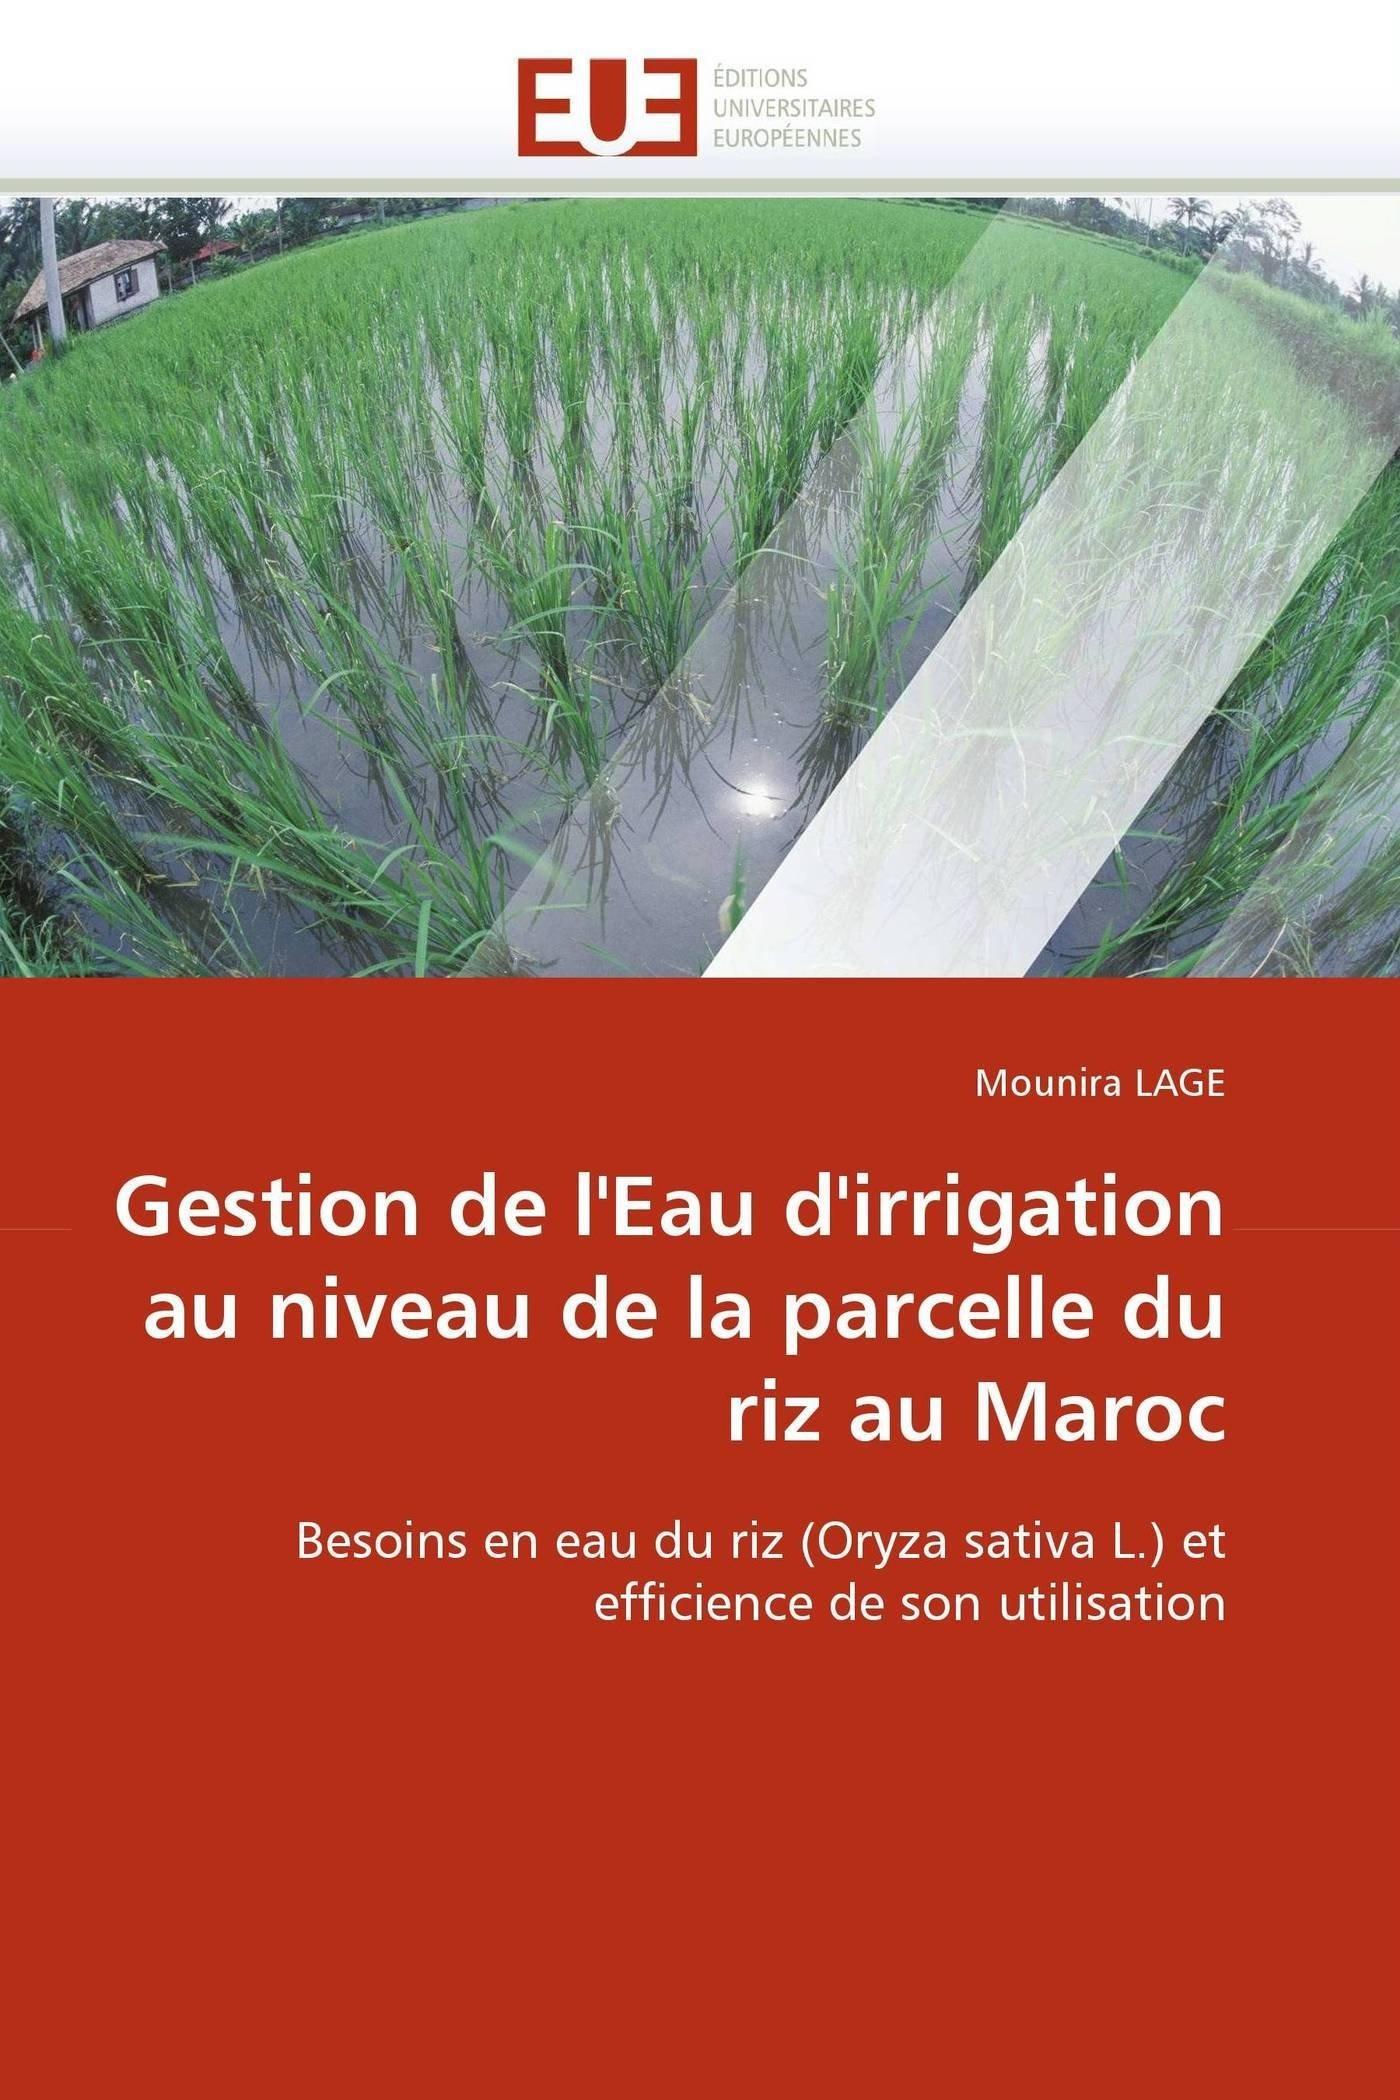 Gestion de l'Eau d'irrigation au niveau de la parcelle du riz au Maroc: Besoins en eau du riz (Oryza sativa L.) et efficience de son utilisation (Omn.Univ.Europ.) (French Edition) ebook